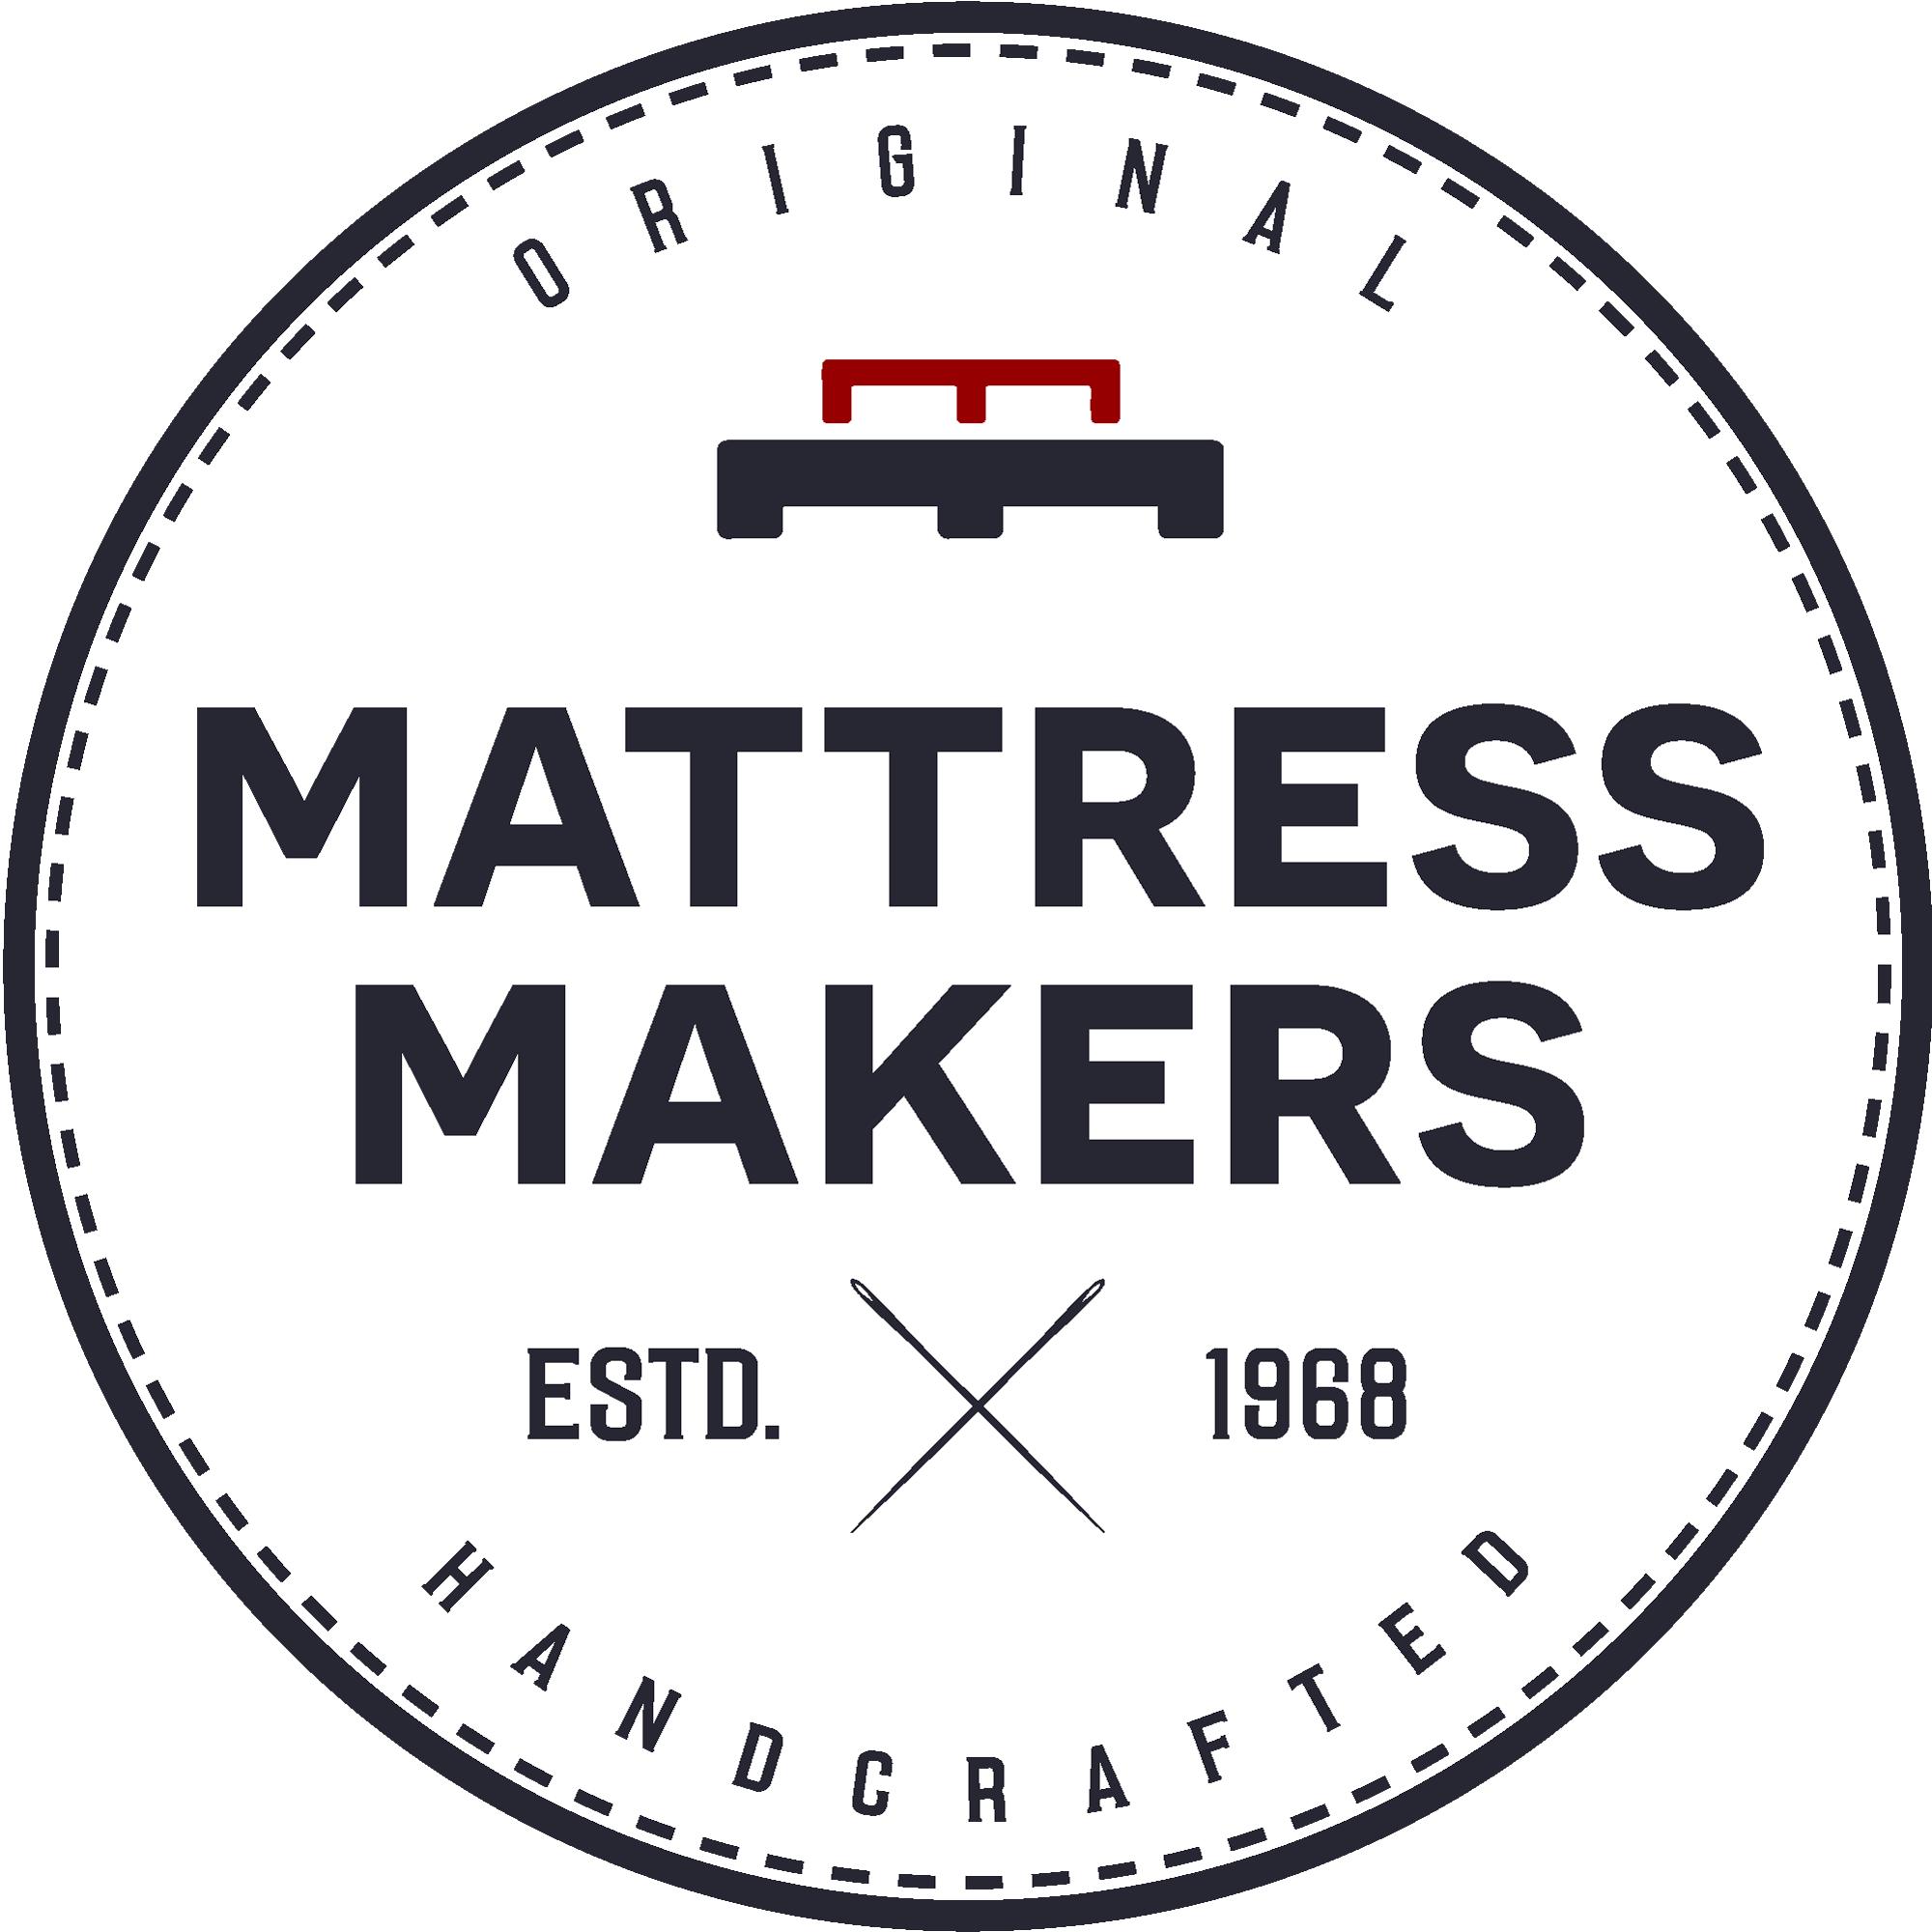 La Mesa Mattress Makers